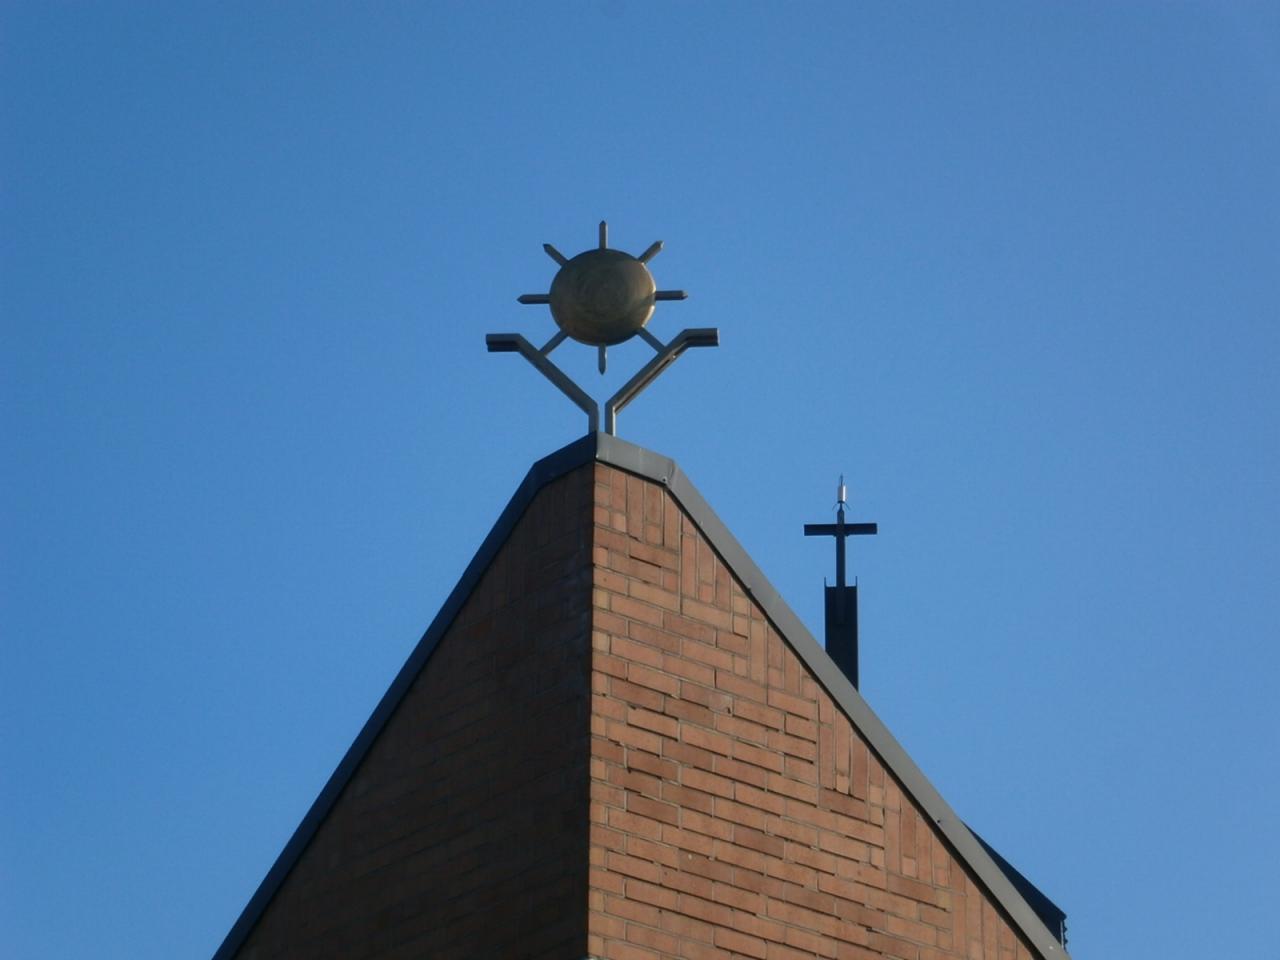 Eglise Ste-Marguerite, soleil dans le quartier